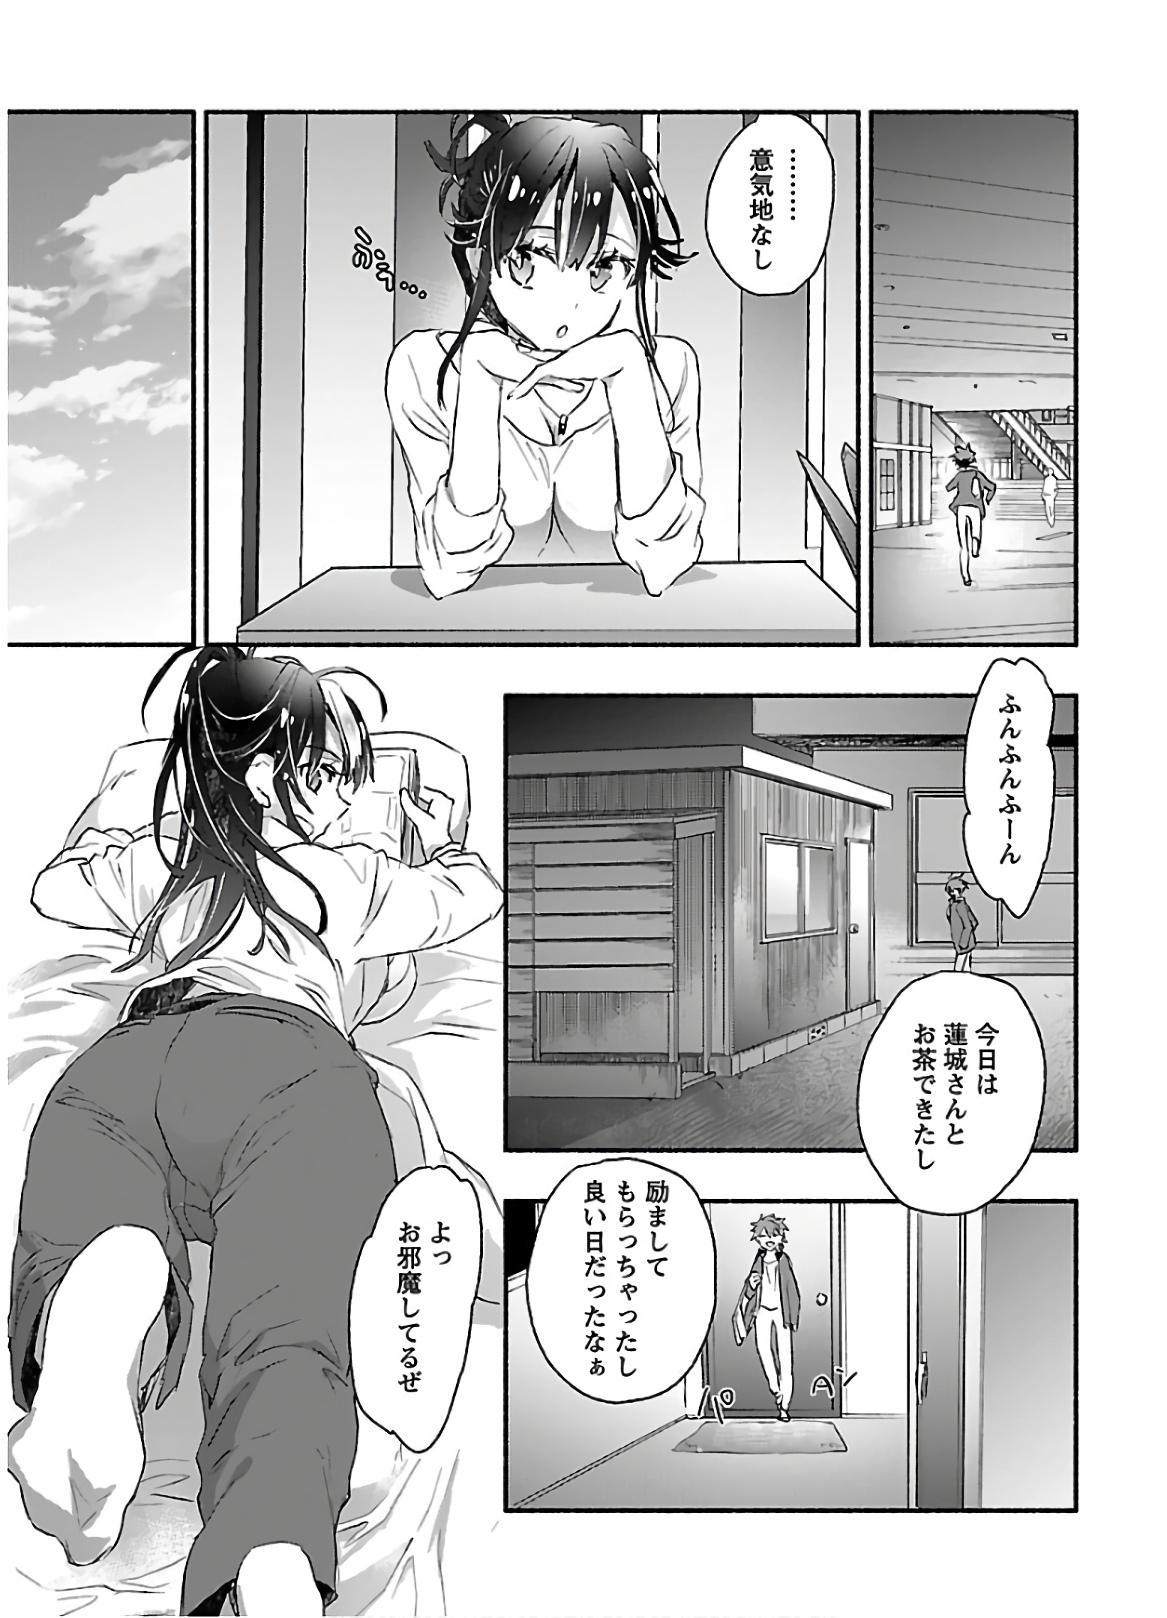 Yankii musume ni natsukarete kotoshi mo juken ni shippai shisou desu  vol.1 84